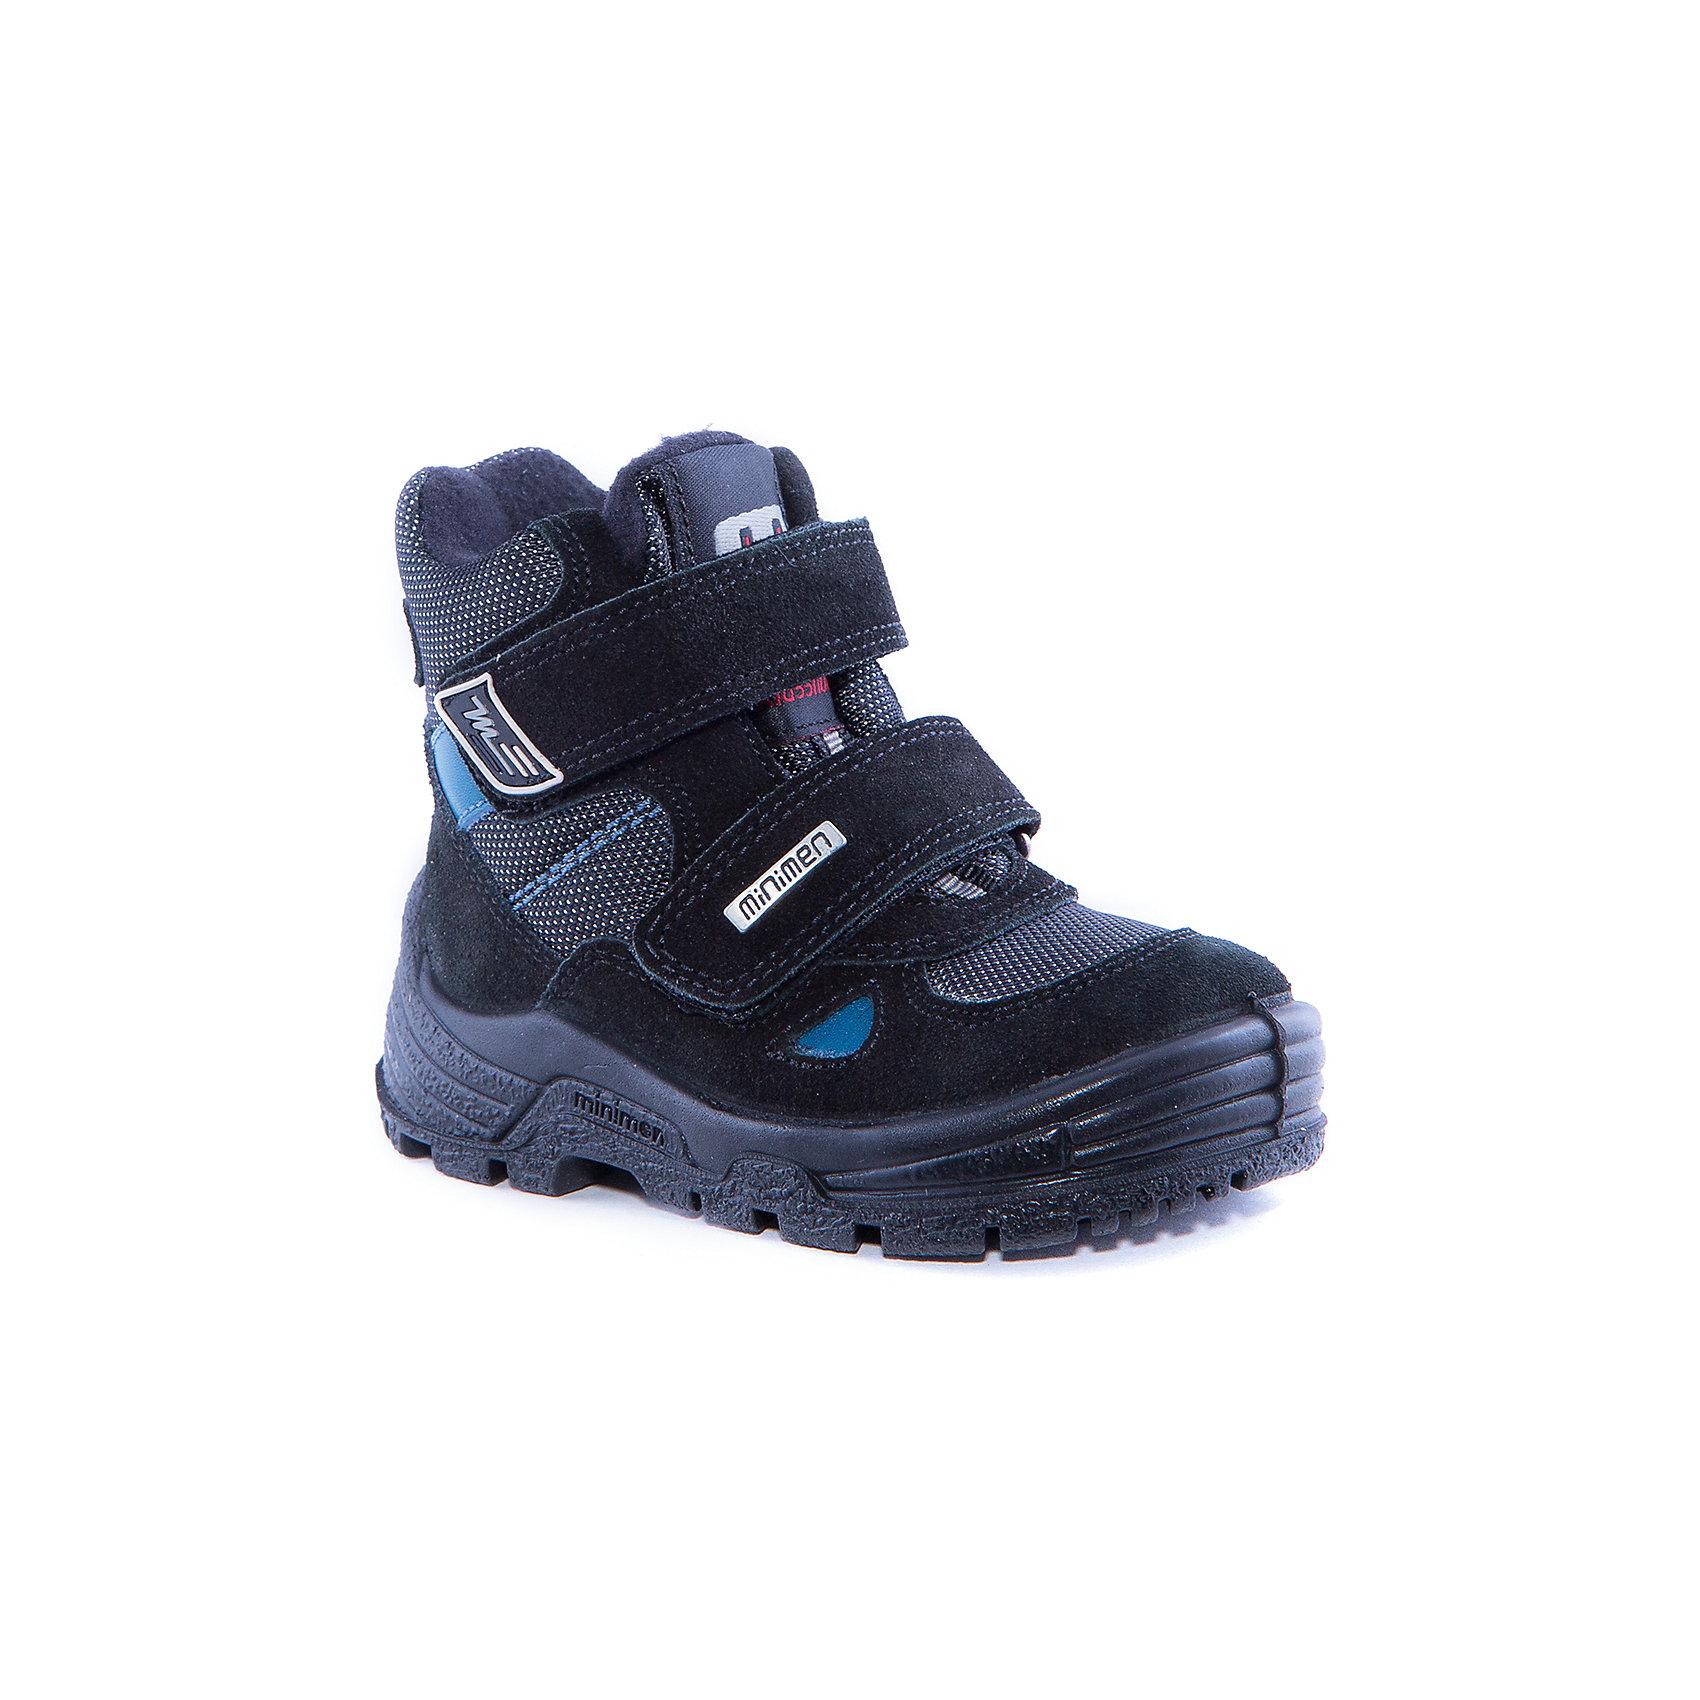 Полусапоги для мальчика MinimenПолусапоги для мальчика от известного бренда Minimen<br><br>Черные сапоги Minimen созданы для ношения в межсезонье и начинающиеся холода. Их форма тщательно проработана, поэтому детским ножкам в такой обуви тепло и комфортно. Качественные материалы позволяют сделать изделия износостойкими и удобными.<br><br>При создании этой модели использована мембрана SympaTex. Она добавляется в подкладку обуви и позволяют ногам оставаться сухими и теплыми. Мембрана активно отводит влагу наружу, и не дает жидкости проникать внутрь, а также  не создает препятствий для воздуха, обеспечивая комфортные условия для детских ножек.<br><br>Отличительные особенности модели:<br><br>- цвет: черный;<br>- мембрана SympaTex;<br>- гибкая нескользящая подошва;<br>- усиленный носок и задник;<br>- эргономичная форма;<br>- удобная колодка;<br>- шерстяная подкладка;<br>- натуральная кожа;<br>- застежки-липучки.<br><br>Дополнительная информация:<br><br>- Температурный режим: от - 20° С  до +5° С.<br><br>- Состав:<br><br>материал верха: 100% натуральная кожа<br>материал подкладки: 100% шерсть<br>подошва: ТЭП<br><br>Полусапоги для мальчика Minimen (Минимен) можно купить в нашем магазине.<br><br>Ширина мм: 257<br>Глубина мм: 180<br>Высота мм: 130<br>Вес г: 420<br>Цвет: черный<br>Возраст от месяцев: 18<br>Возраст до месяцев: 21<br>Пол: Мужской<br>Возраст: Детский<br>Размер: 23,21,25,22,29,28,27,26,24<br>SKU: 4295721